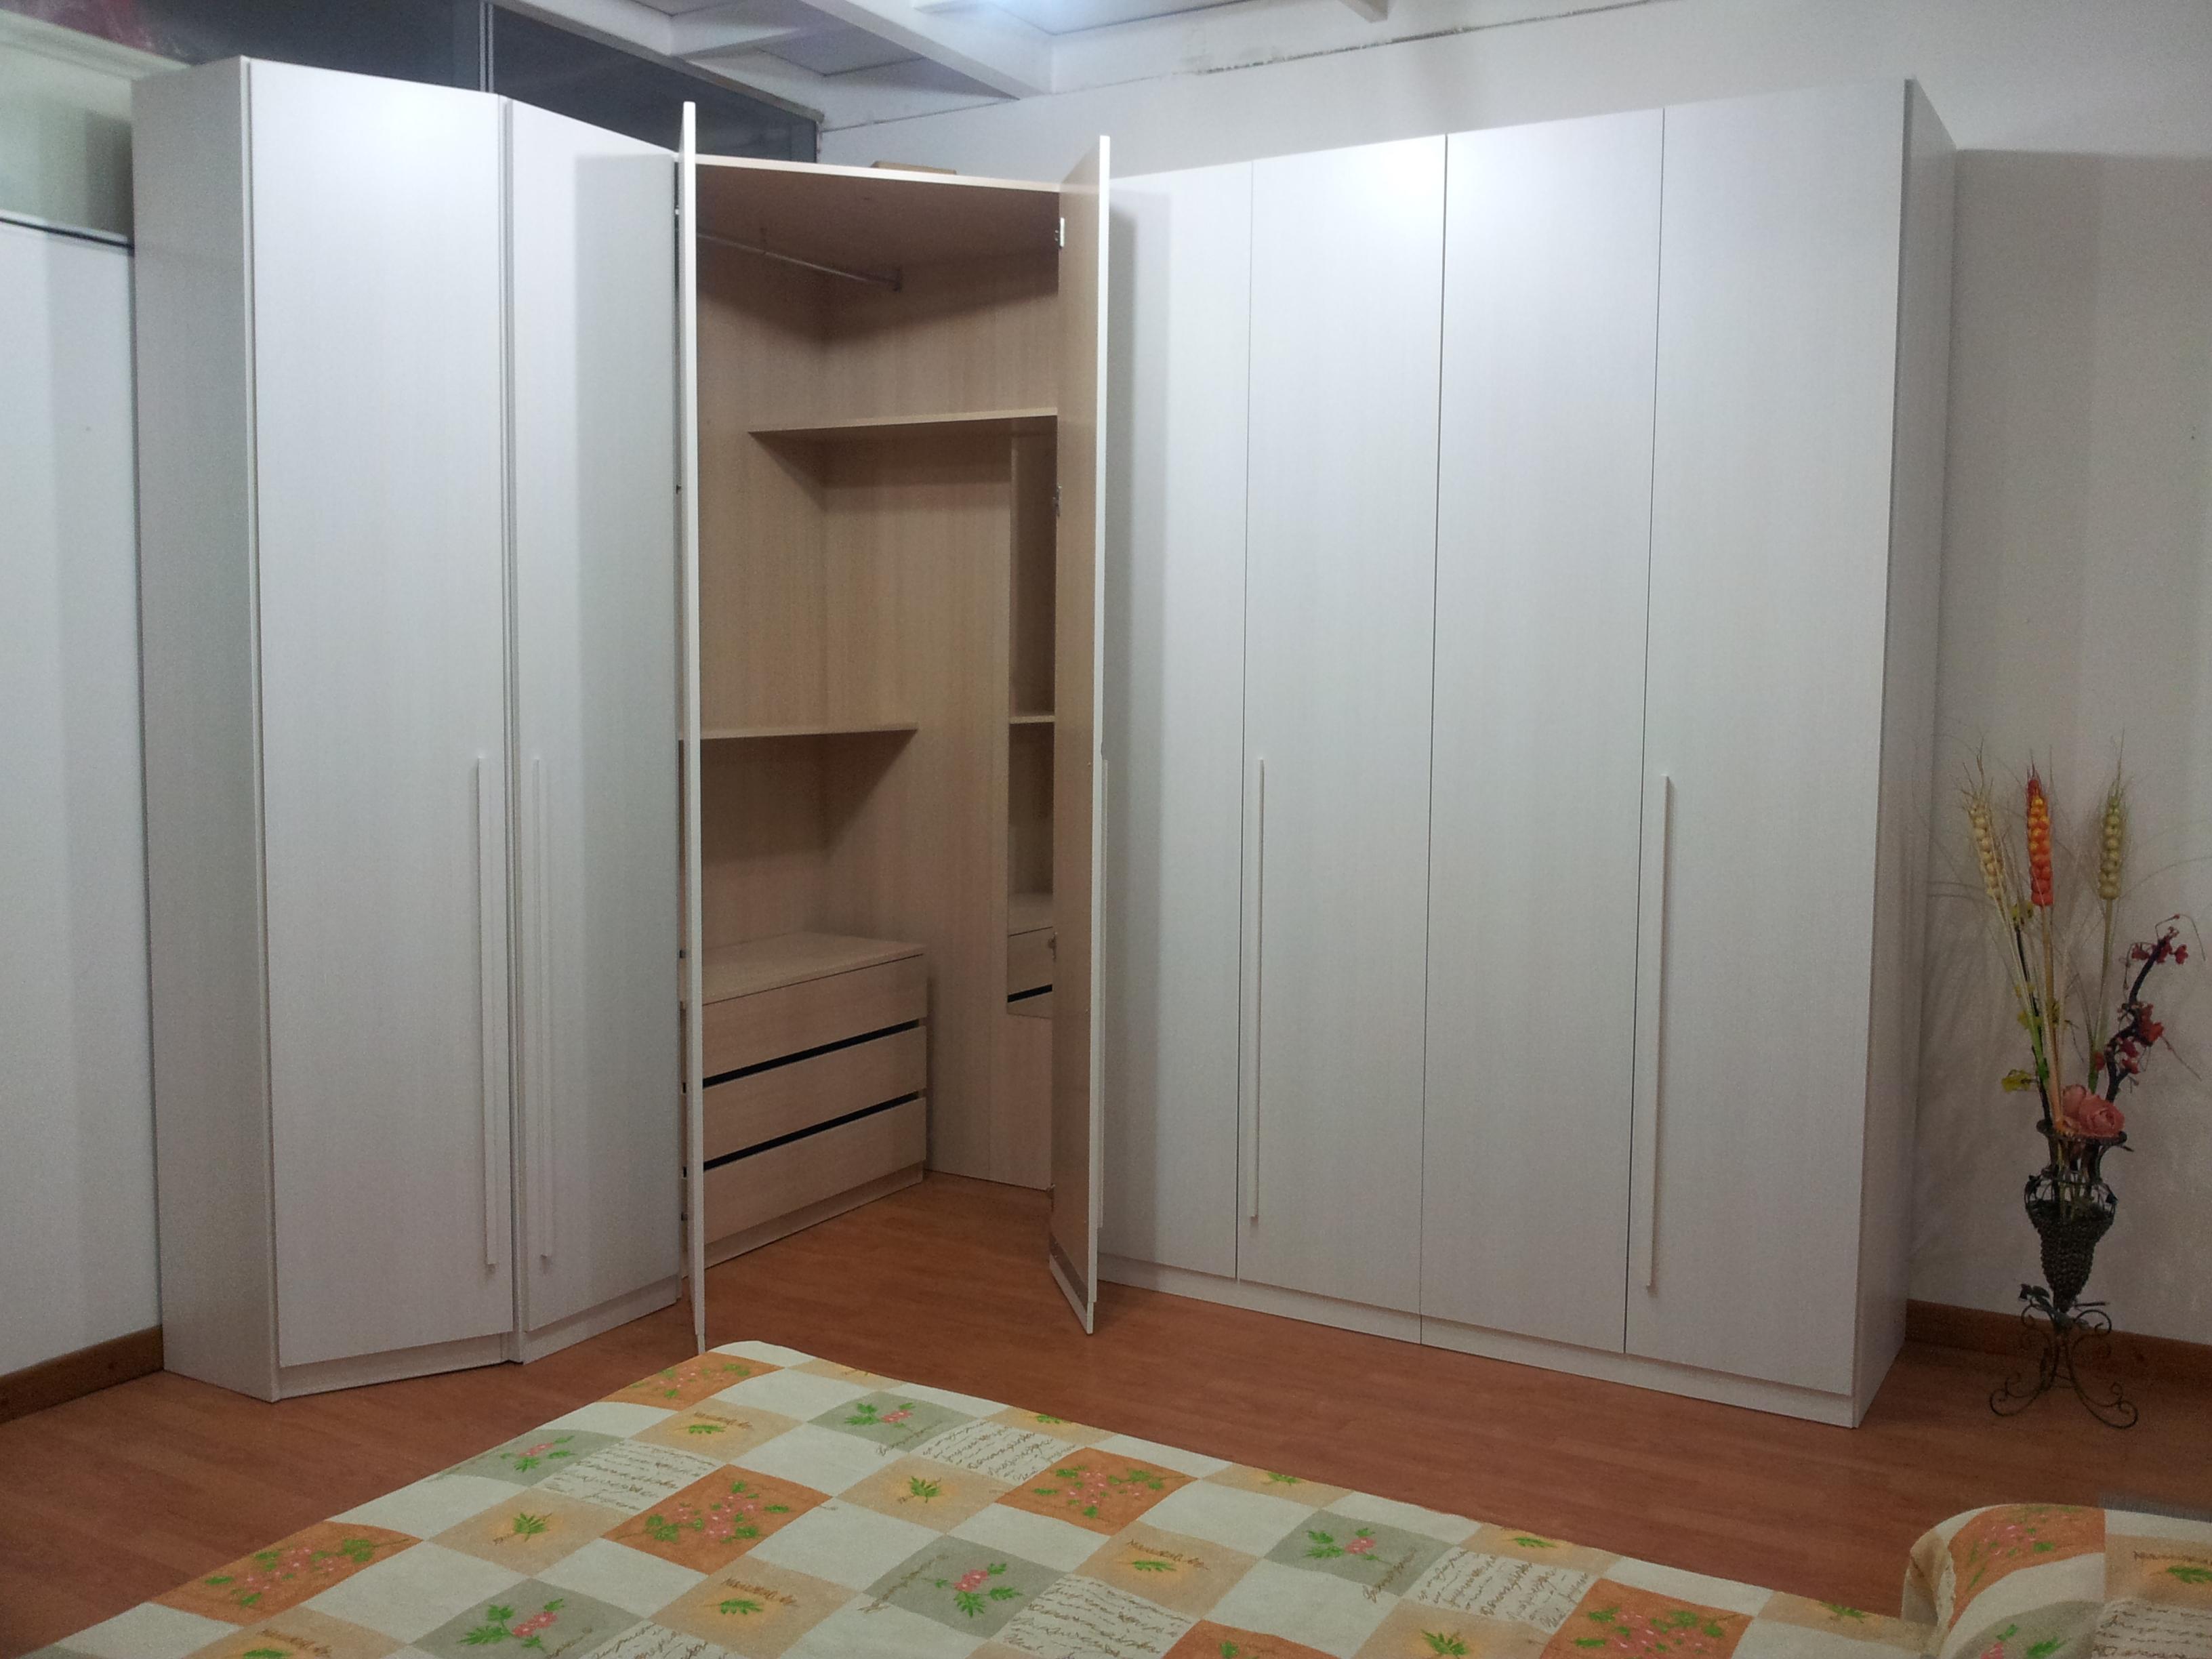 Mobili Per Ufficio Trau : Mobili ufficio usati arredo casa mobili usati su bakeca